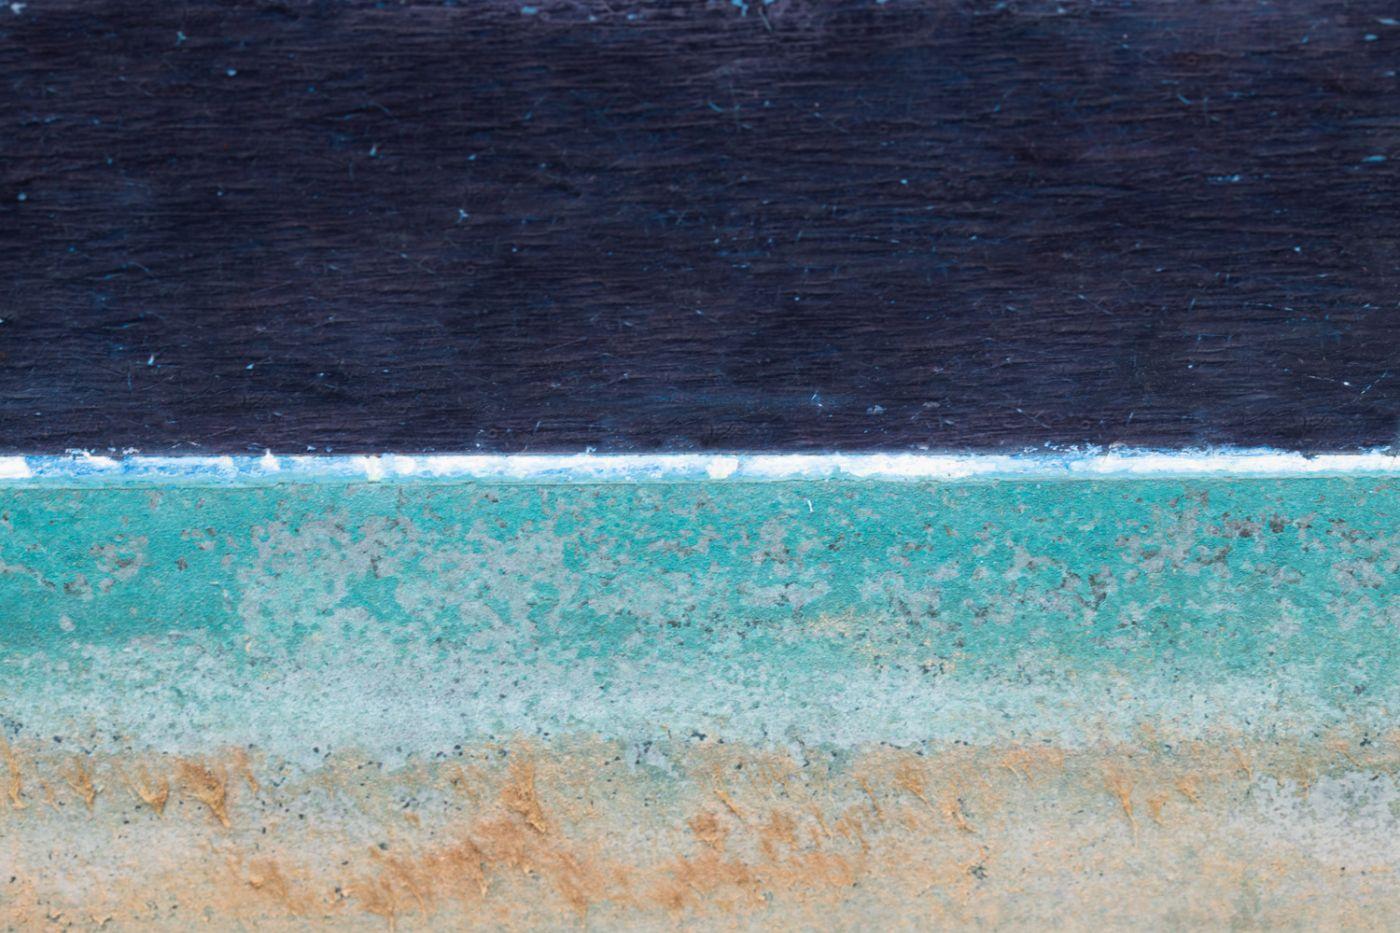 Tourquoise Sea.jpg